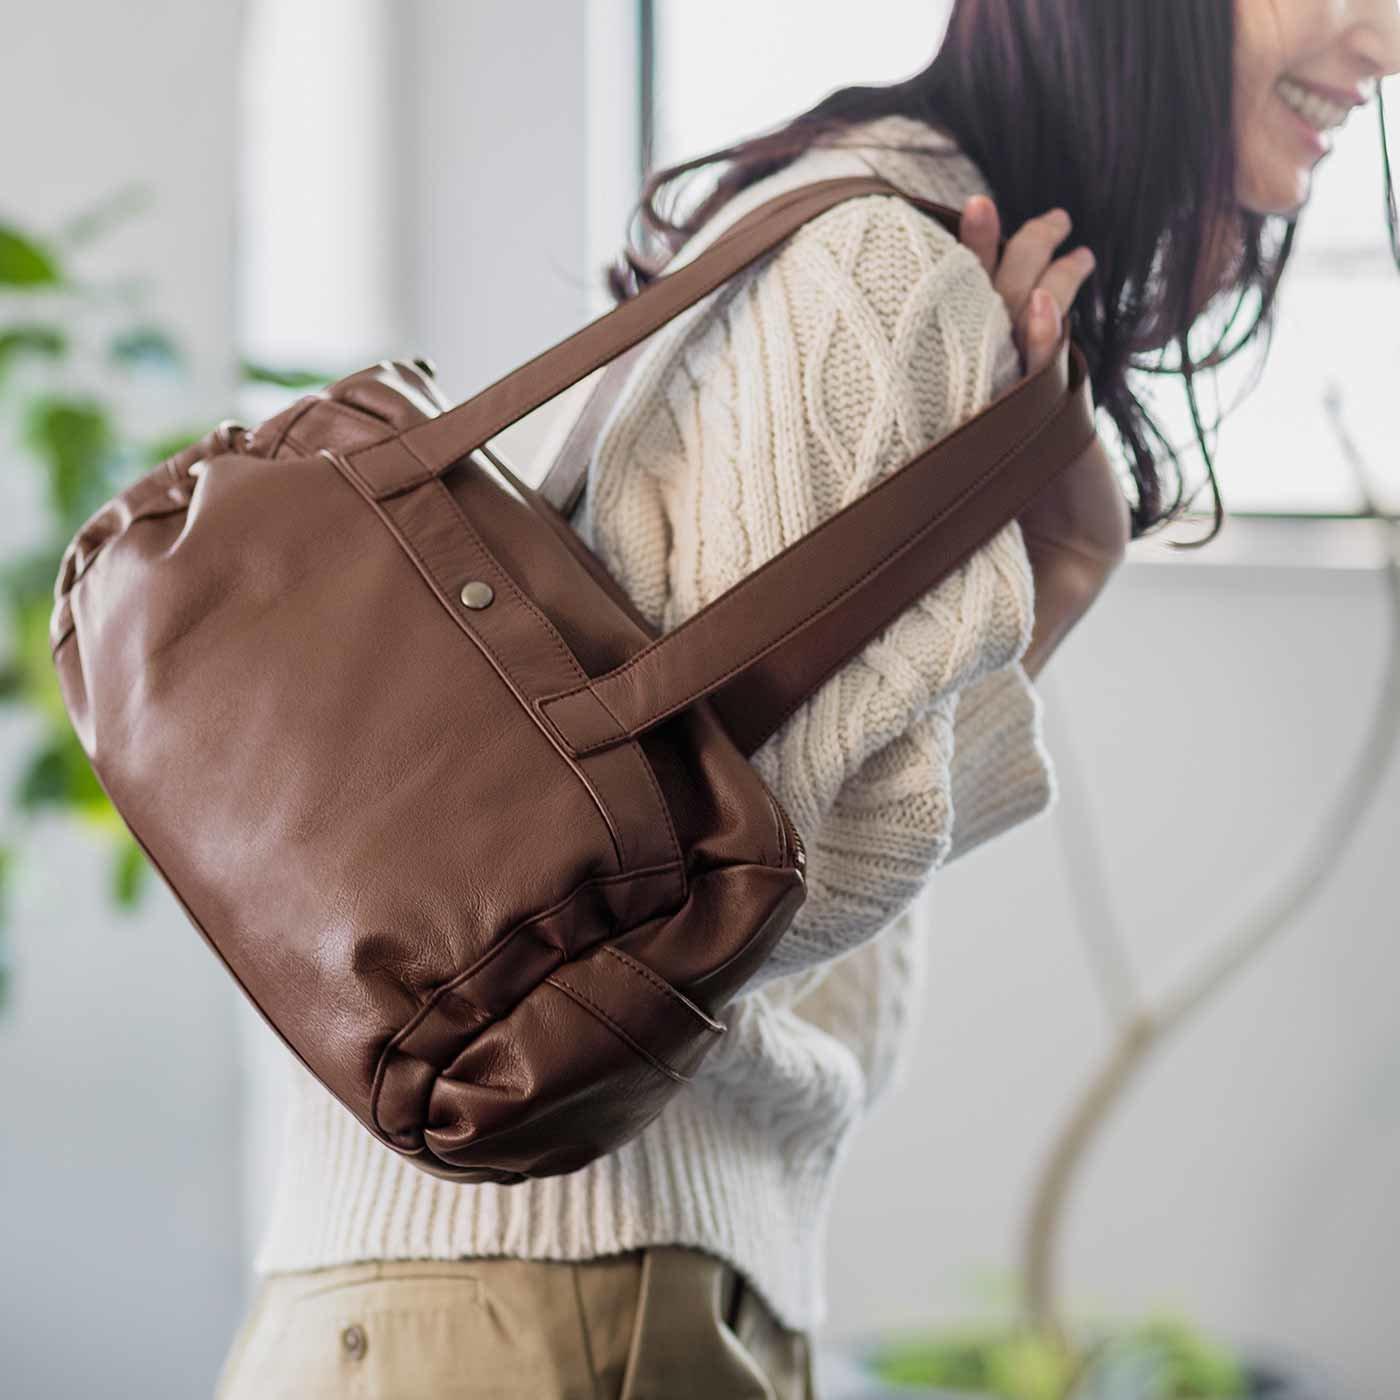 [2012年発売モデル] オールレザー くったりボストンバッグ〈チョコレートブラウン〉[本革 鞄:日本製]